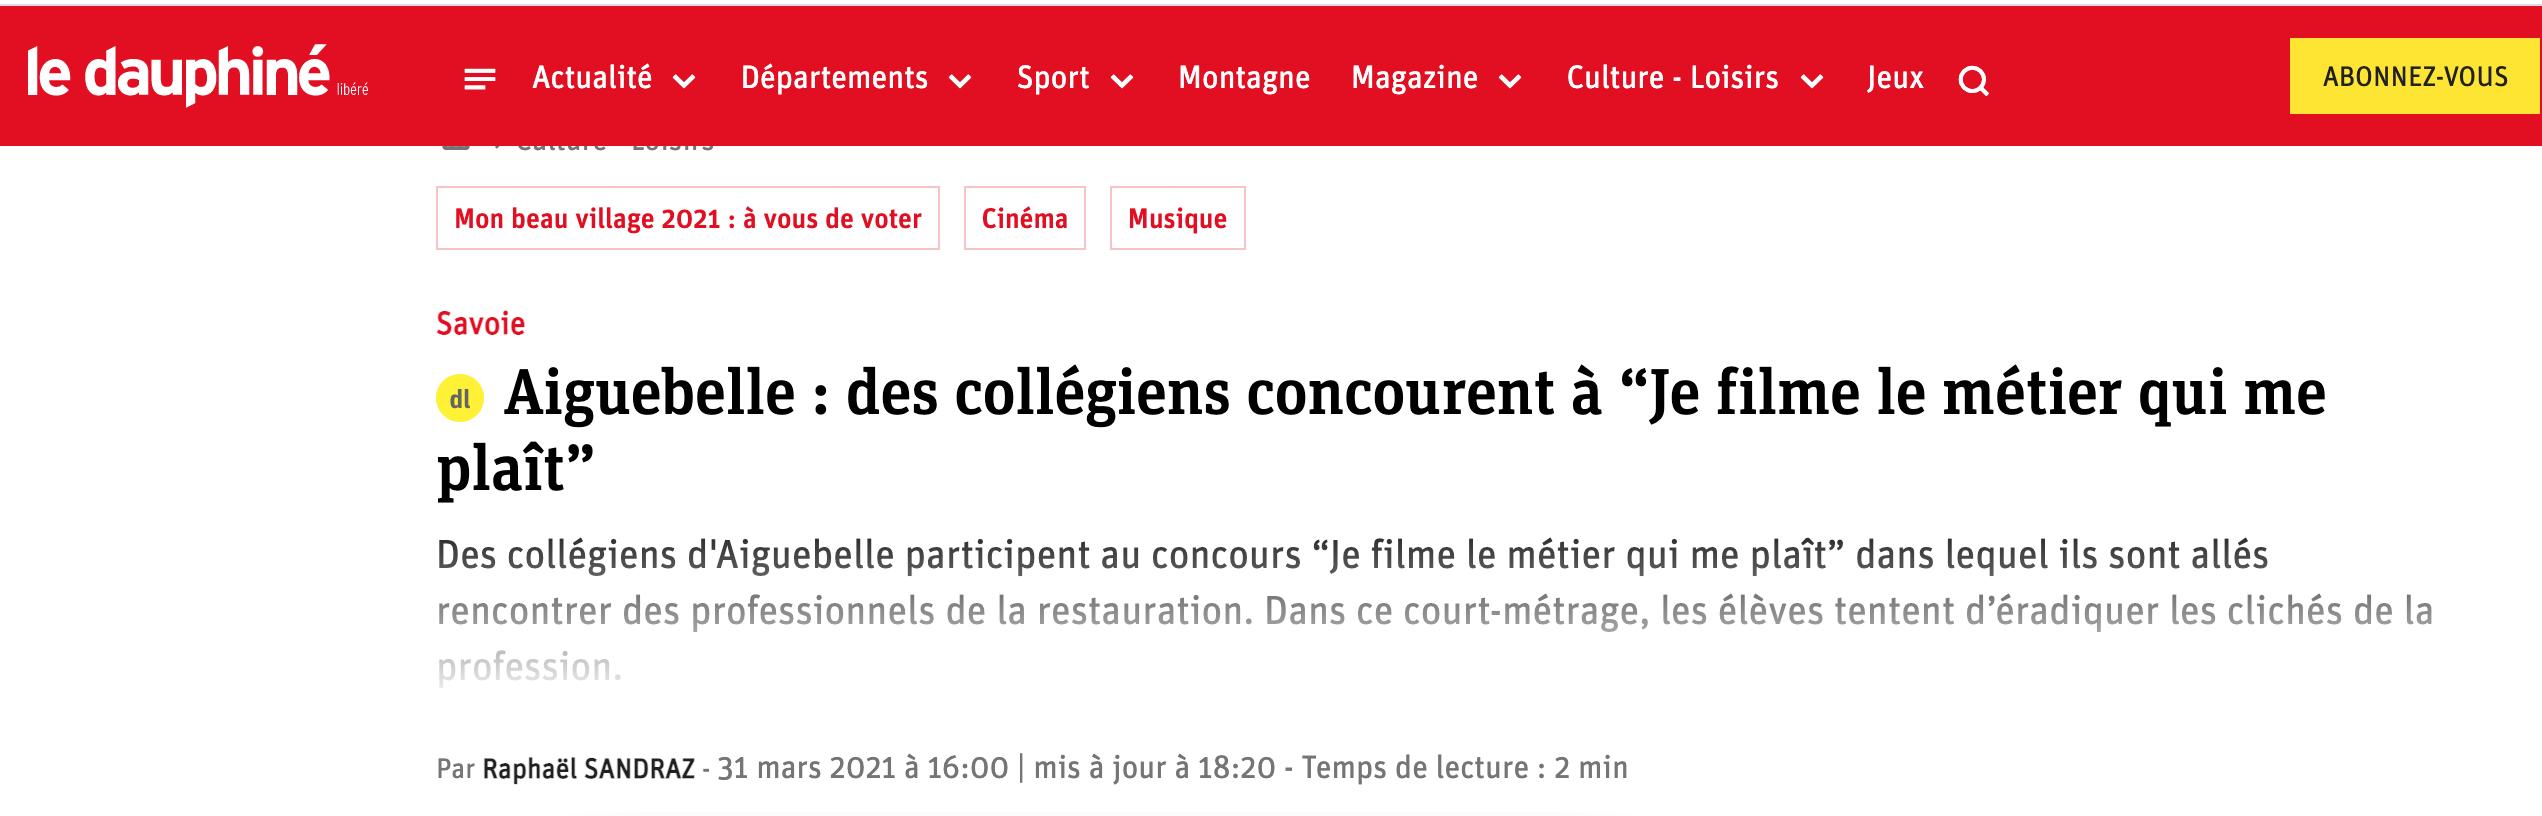 Le Dauphiné Libéré - 31/03/2021